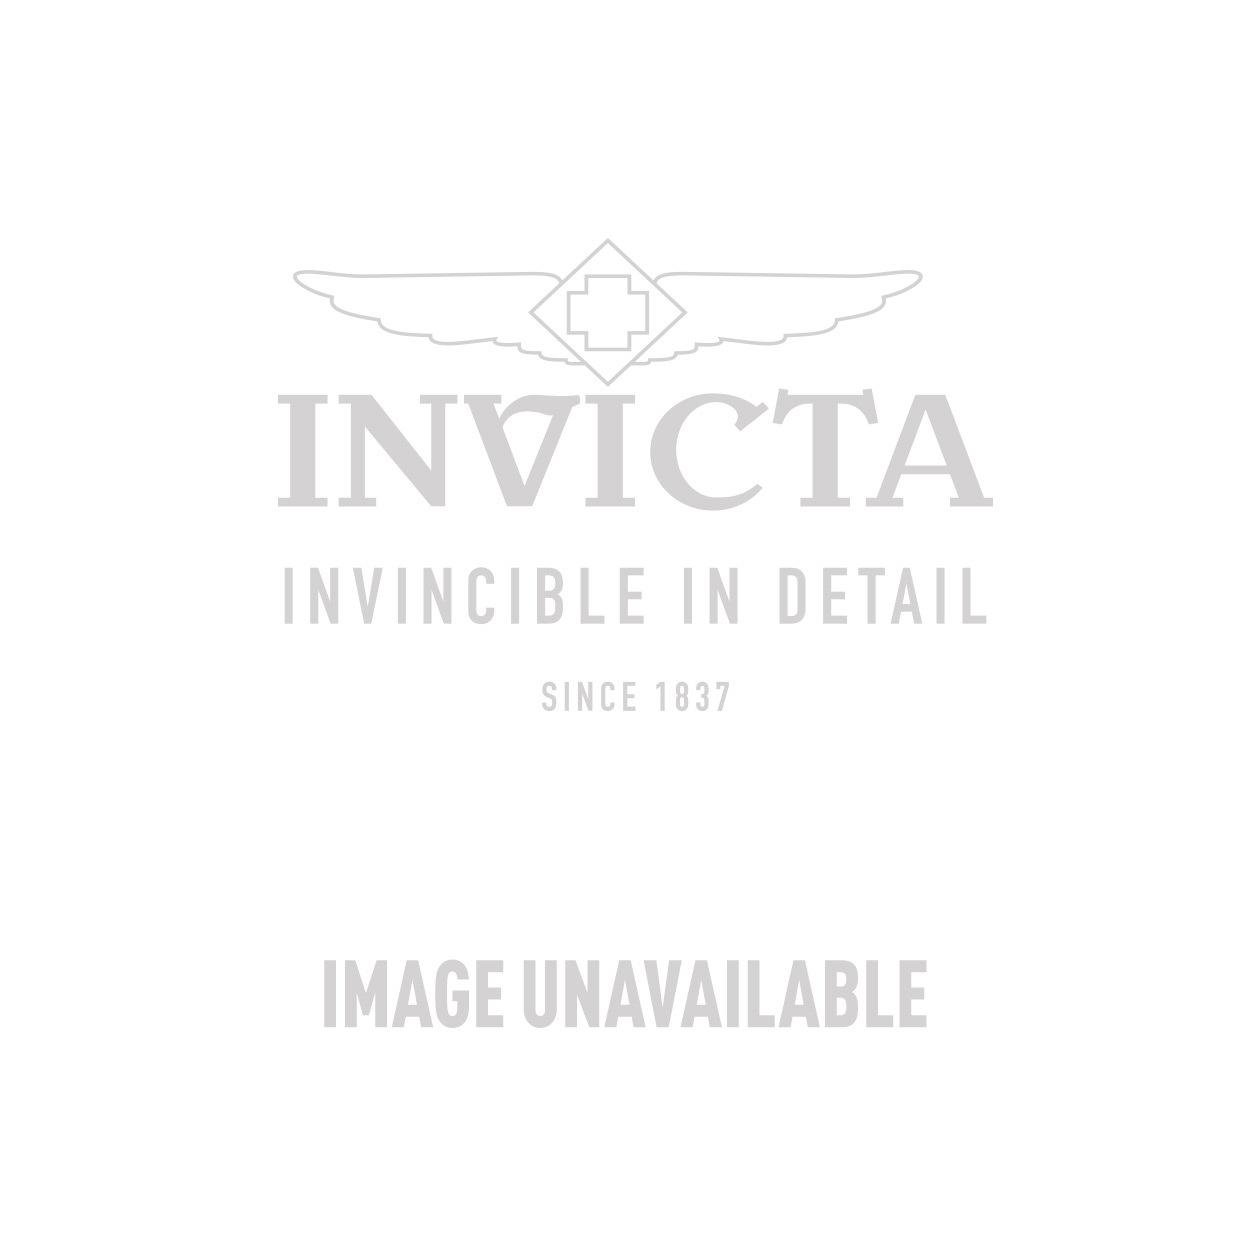 Invicta Model 27802